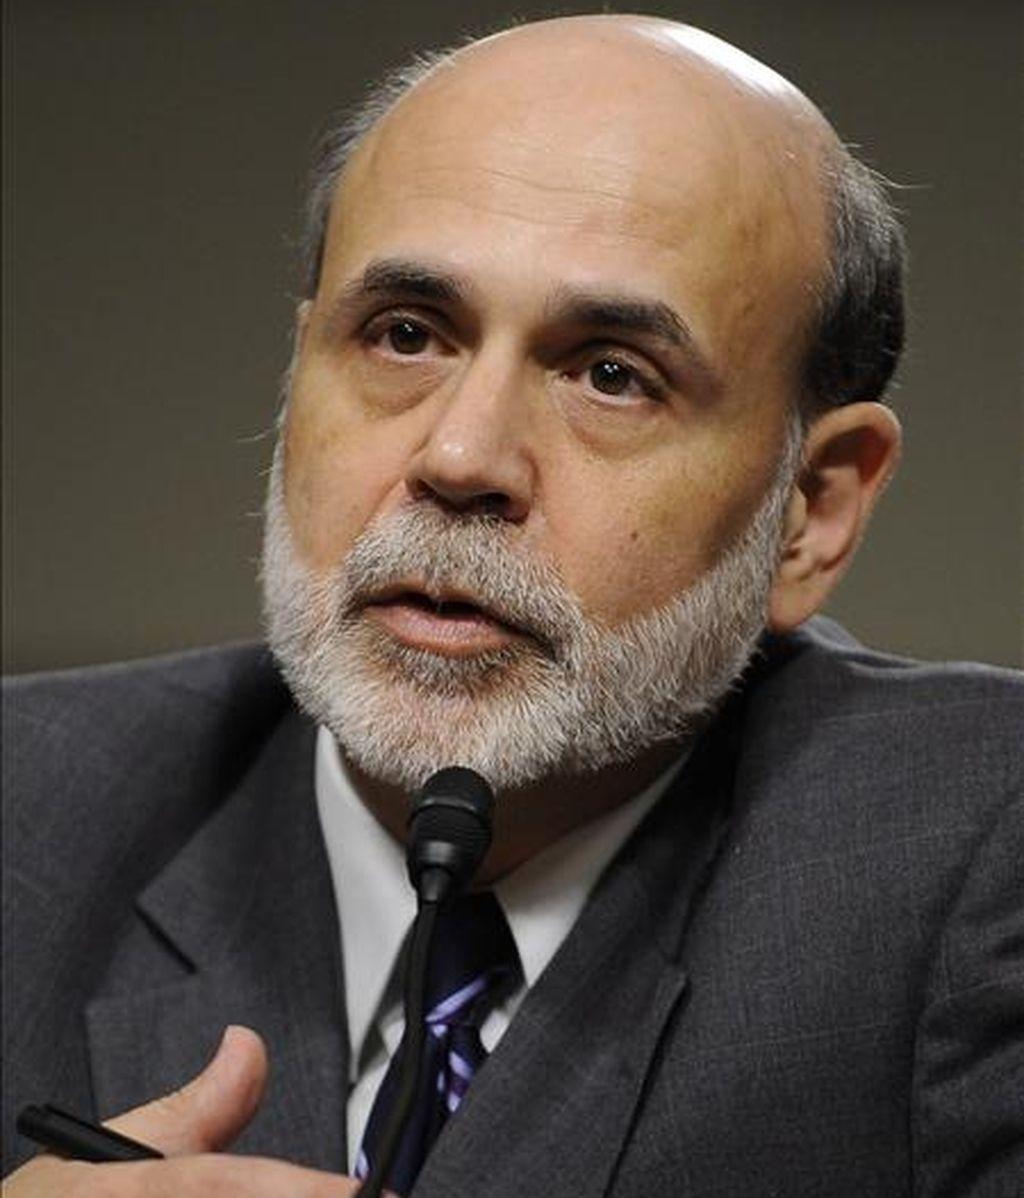 El presidente de la Reserva Federal (Fed), Ben Bernanke, habla este 21 de julio durante la audiencia del Comité del Senado sobre Banca, Vivienda y Asuntos Urbanos en el Capitolio de Washington, EE.UU. EFE